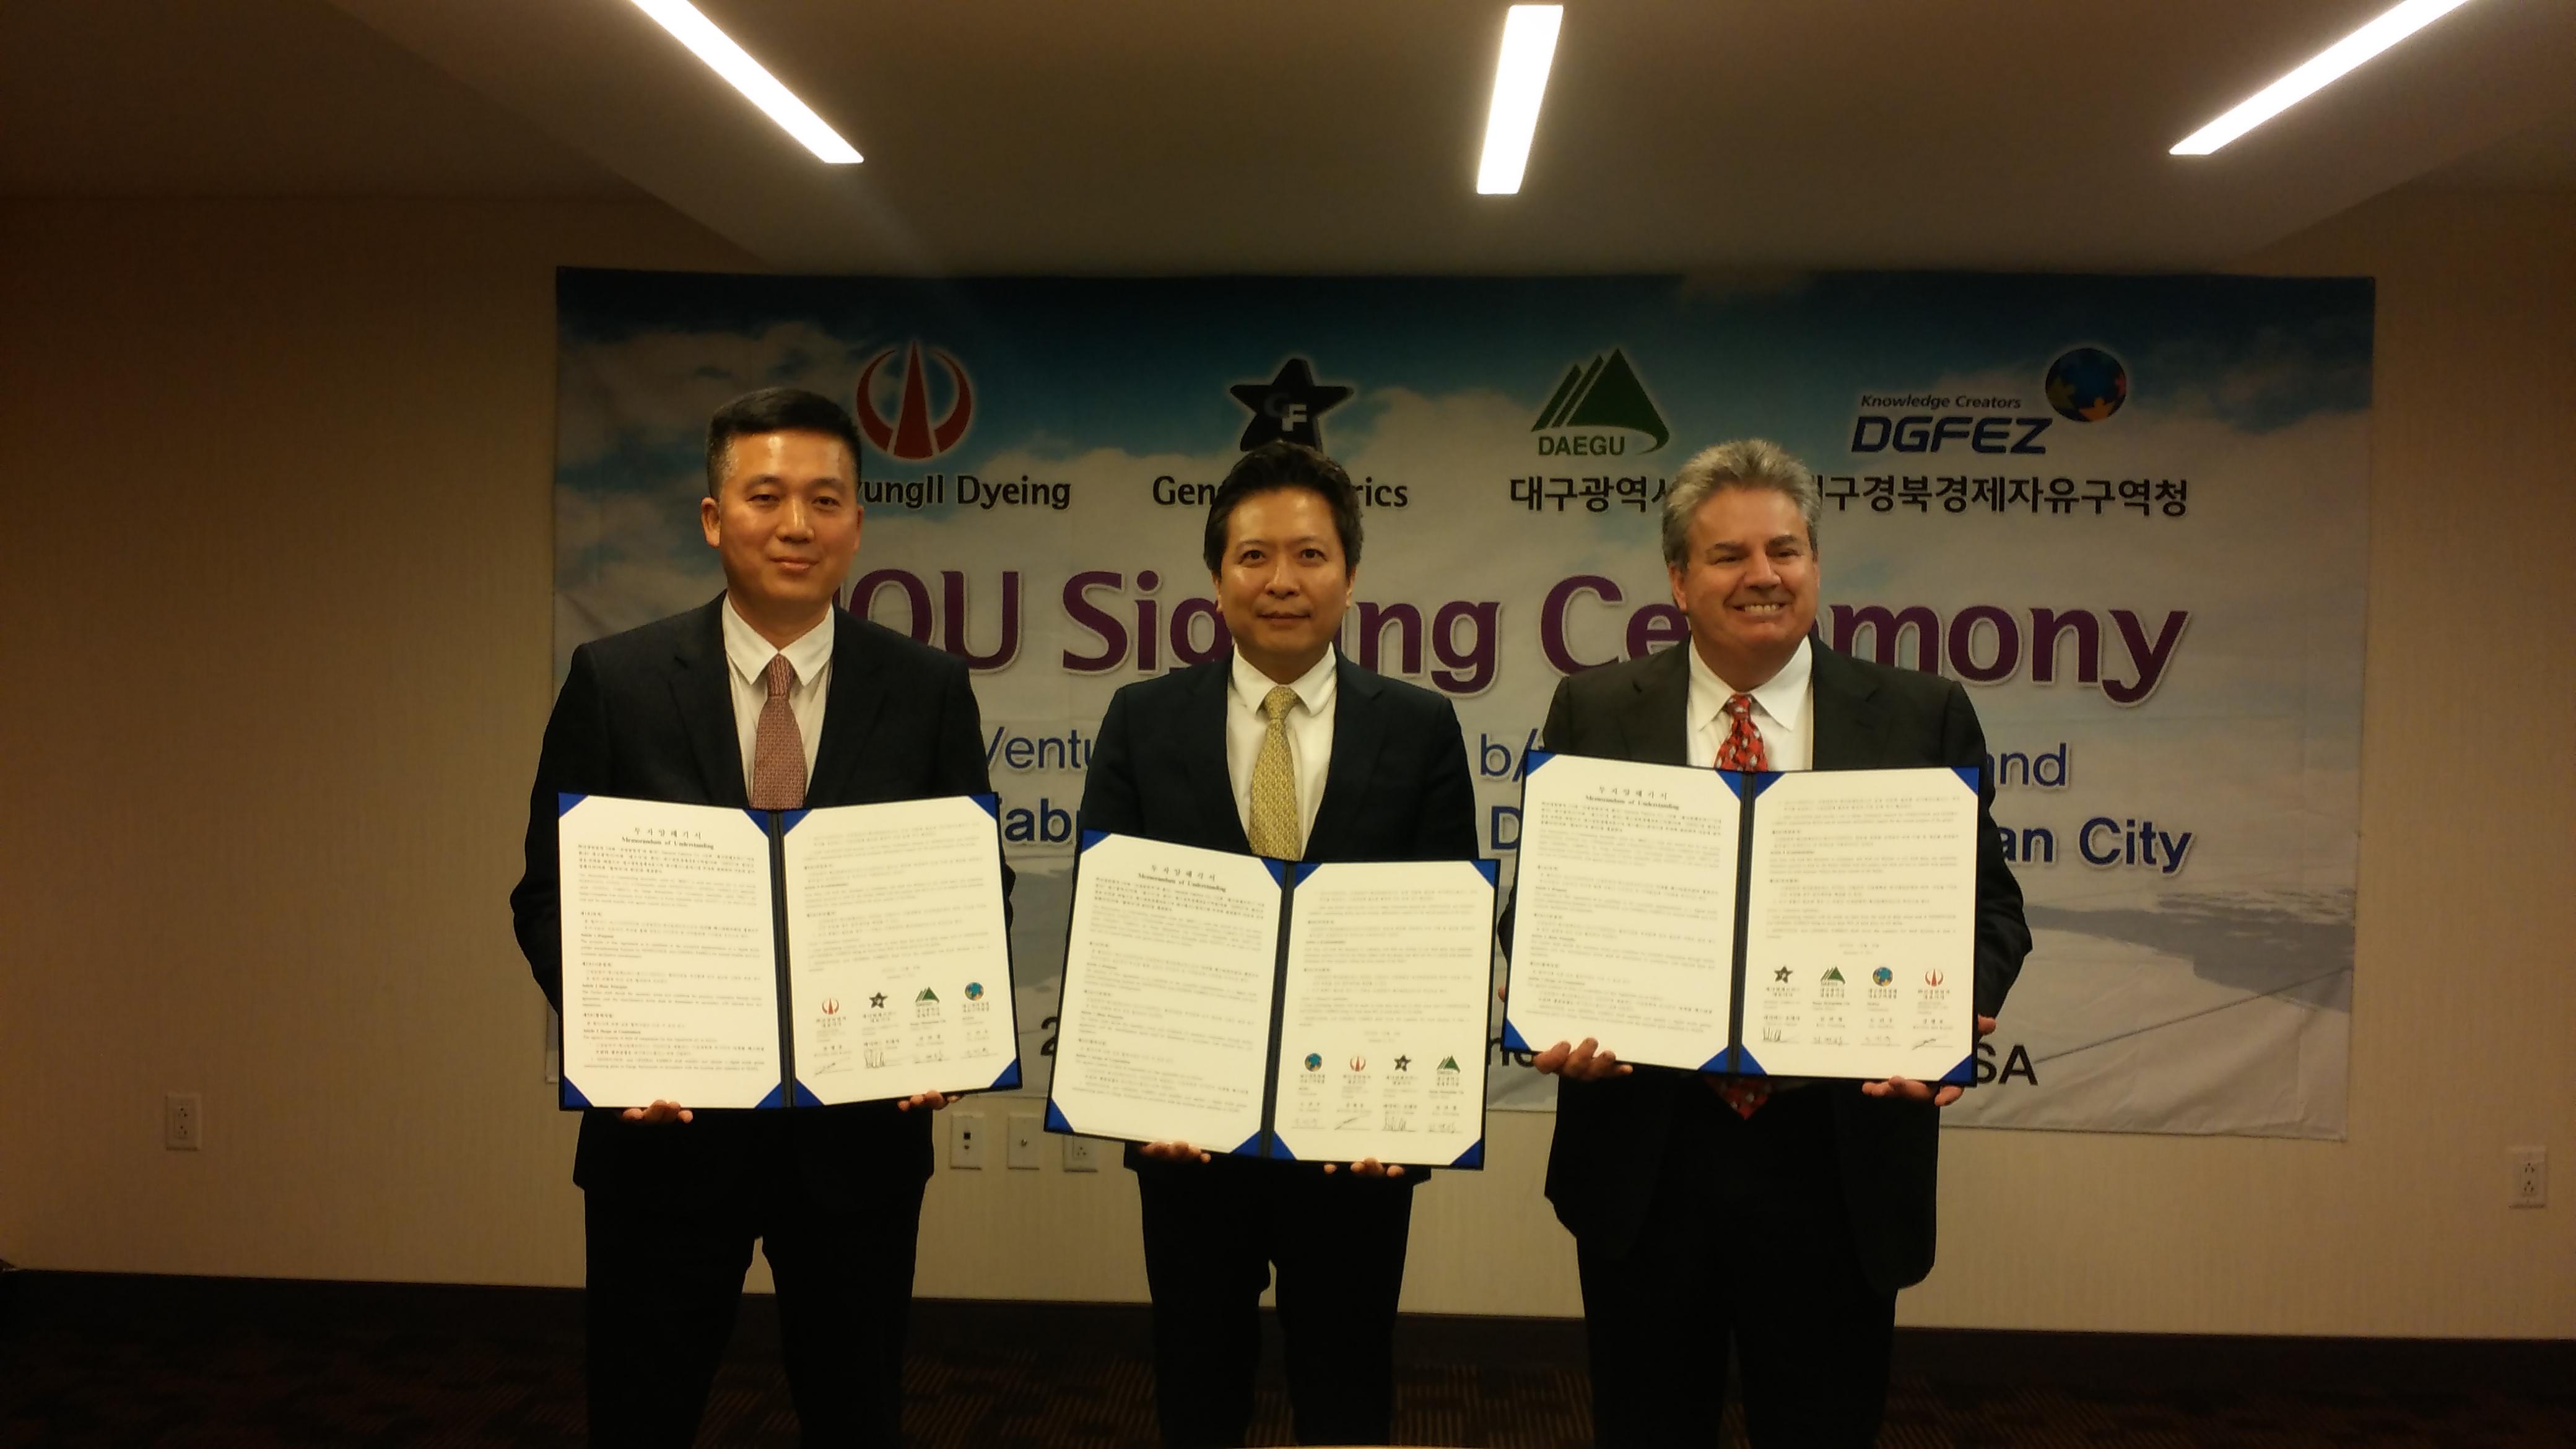 大邱慶北経済自由区域庁、米国の繊維機械製企業を投資誘致